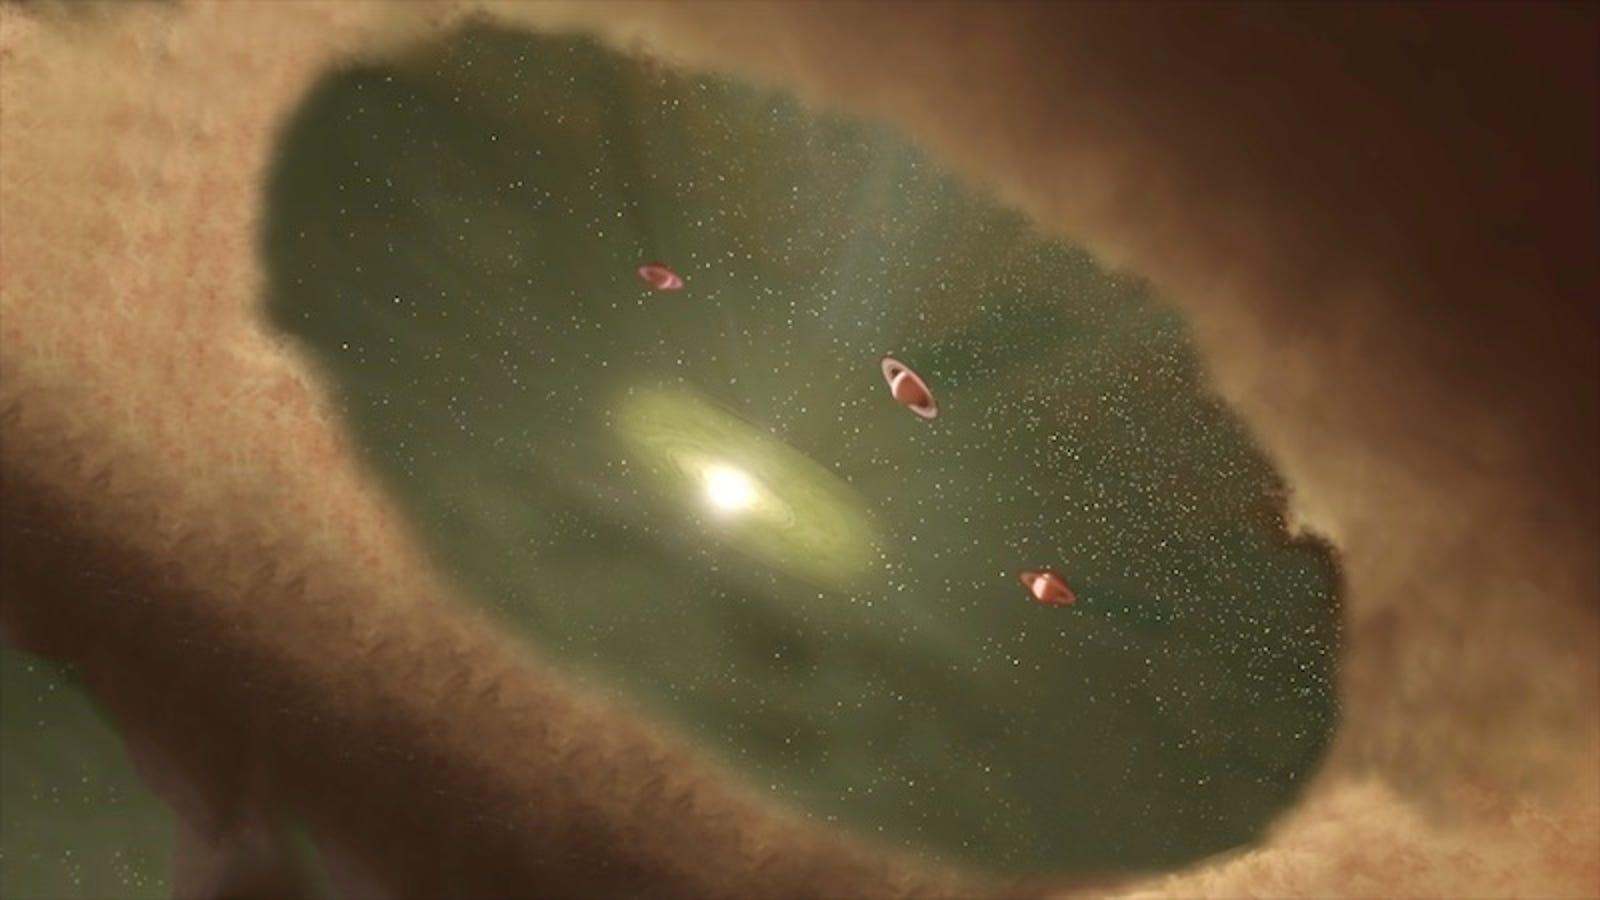 Los astrónomos asisten por primera vez en la historia al nacimiento de un planeta